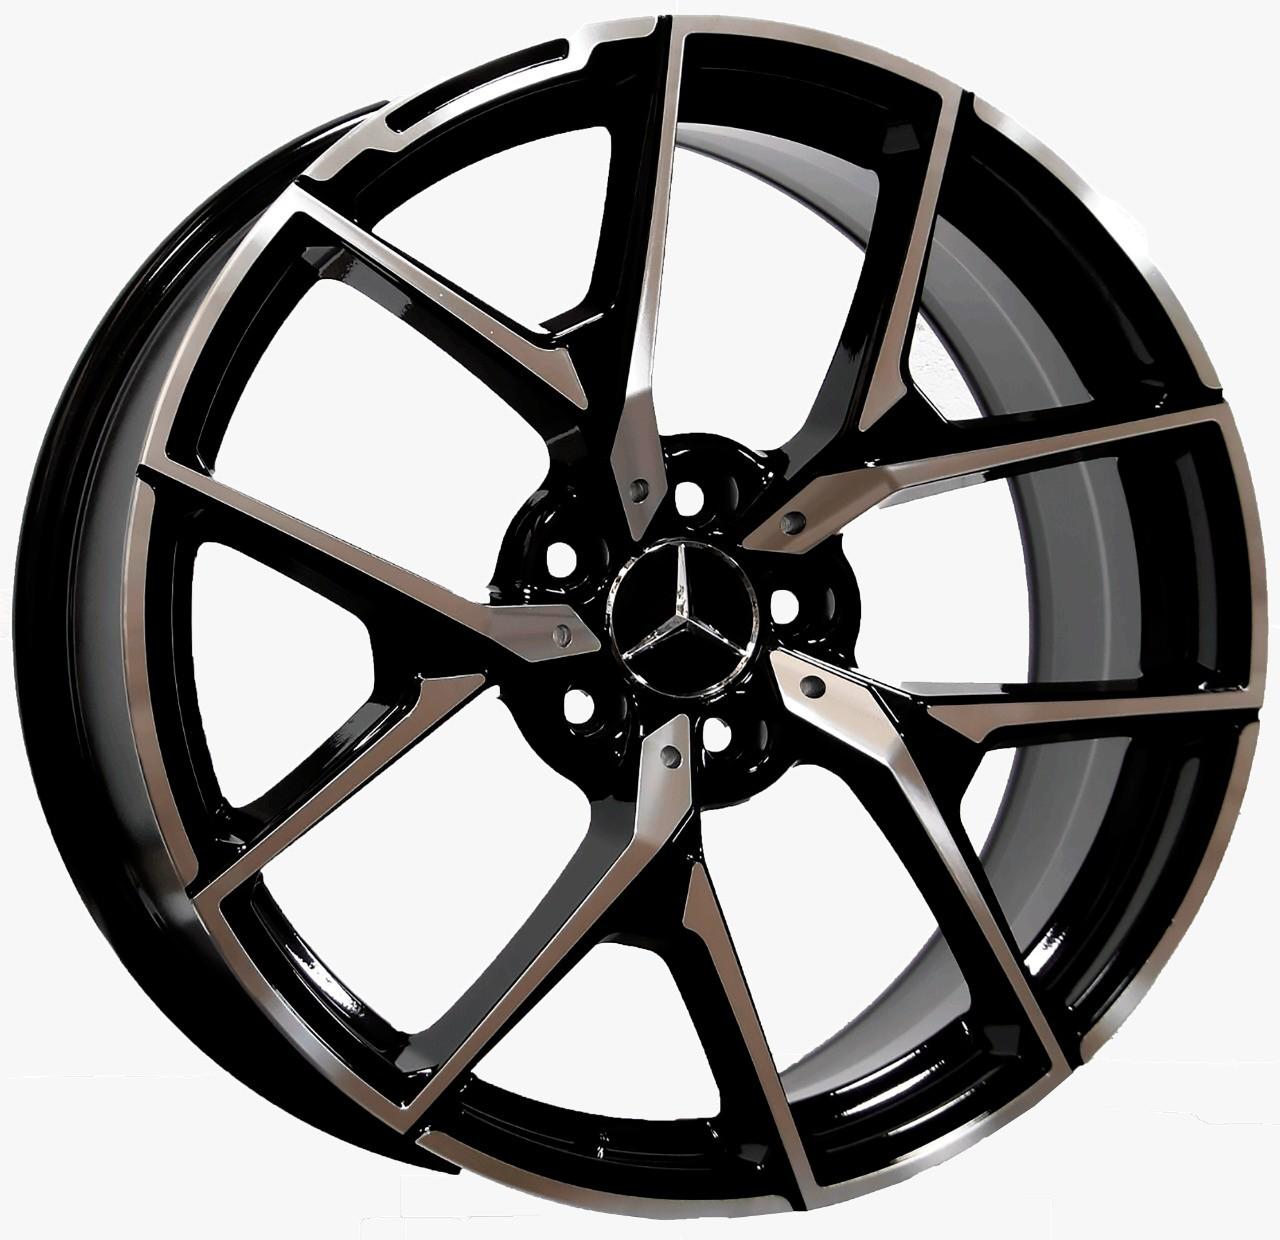 Jogo 4 Rodas Presenza D1225 Mercedes SLS 63 aro 20 Tala 8,5 Furação 5x112 ET45 Preto Semi Brilho c/Diamantado